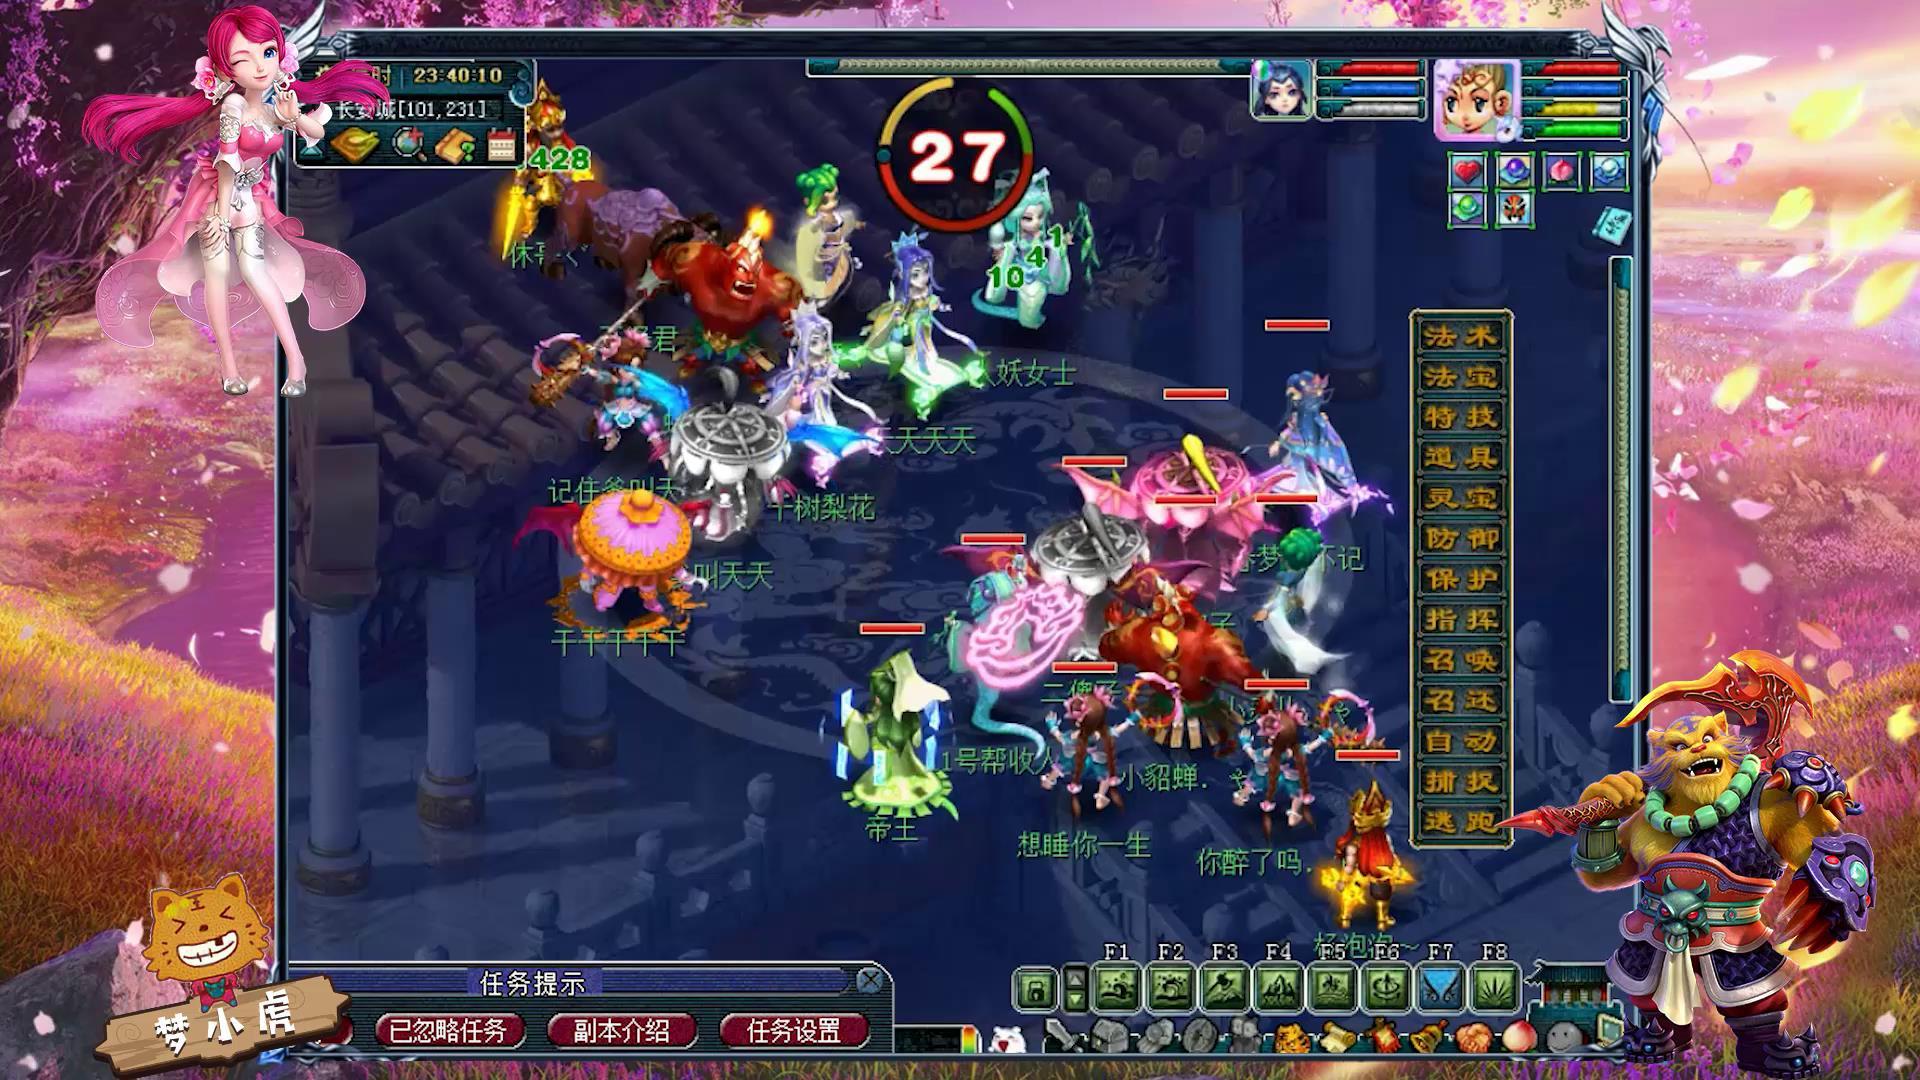 梦幻西游:玩家连输2场皇宫,浩文直接上号指挥,最后结果如何?